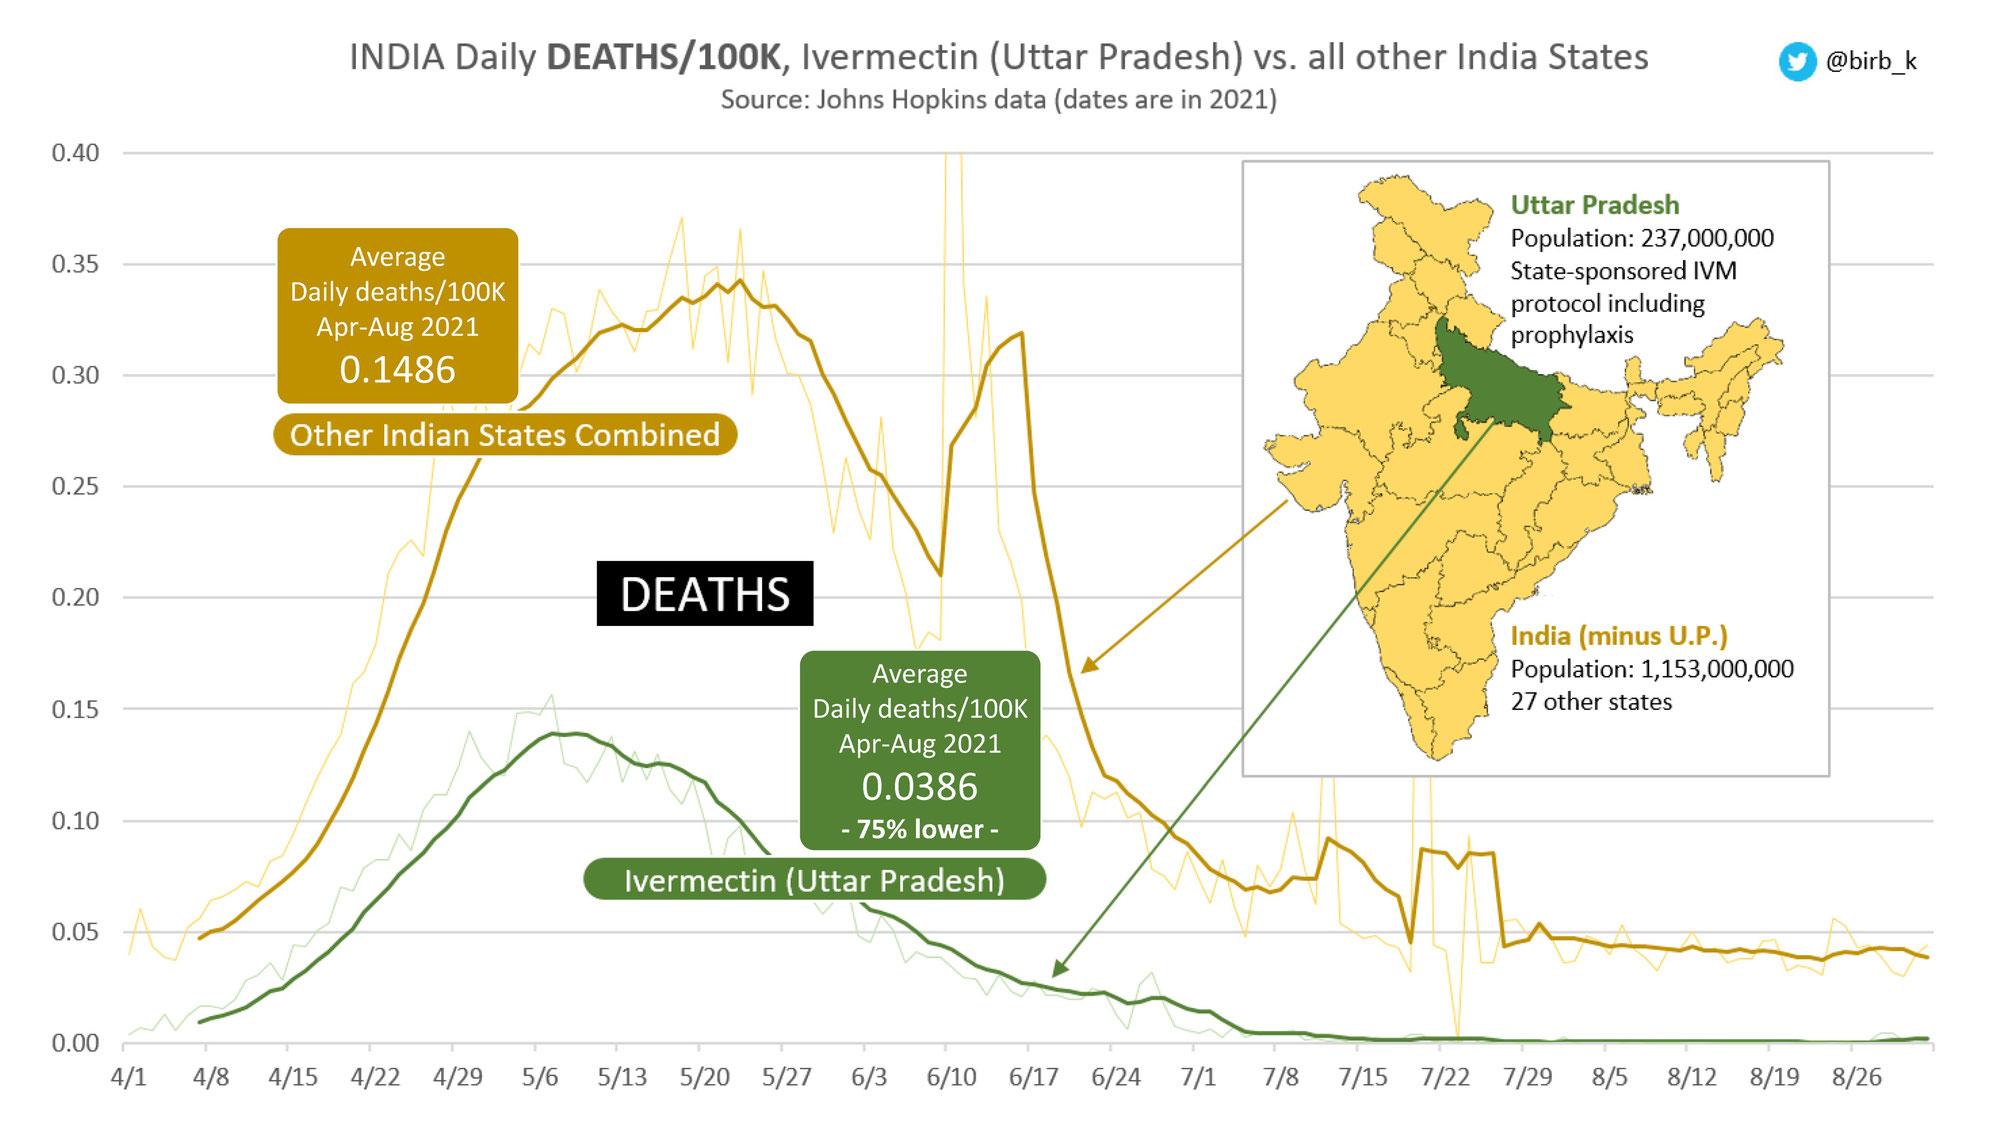 インドにおけるイベルメクチン使用状況